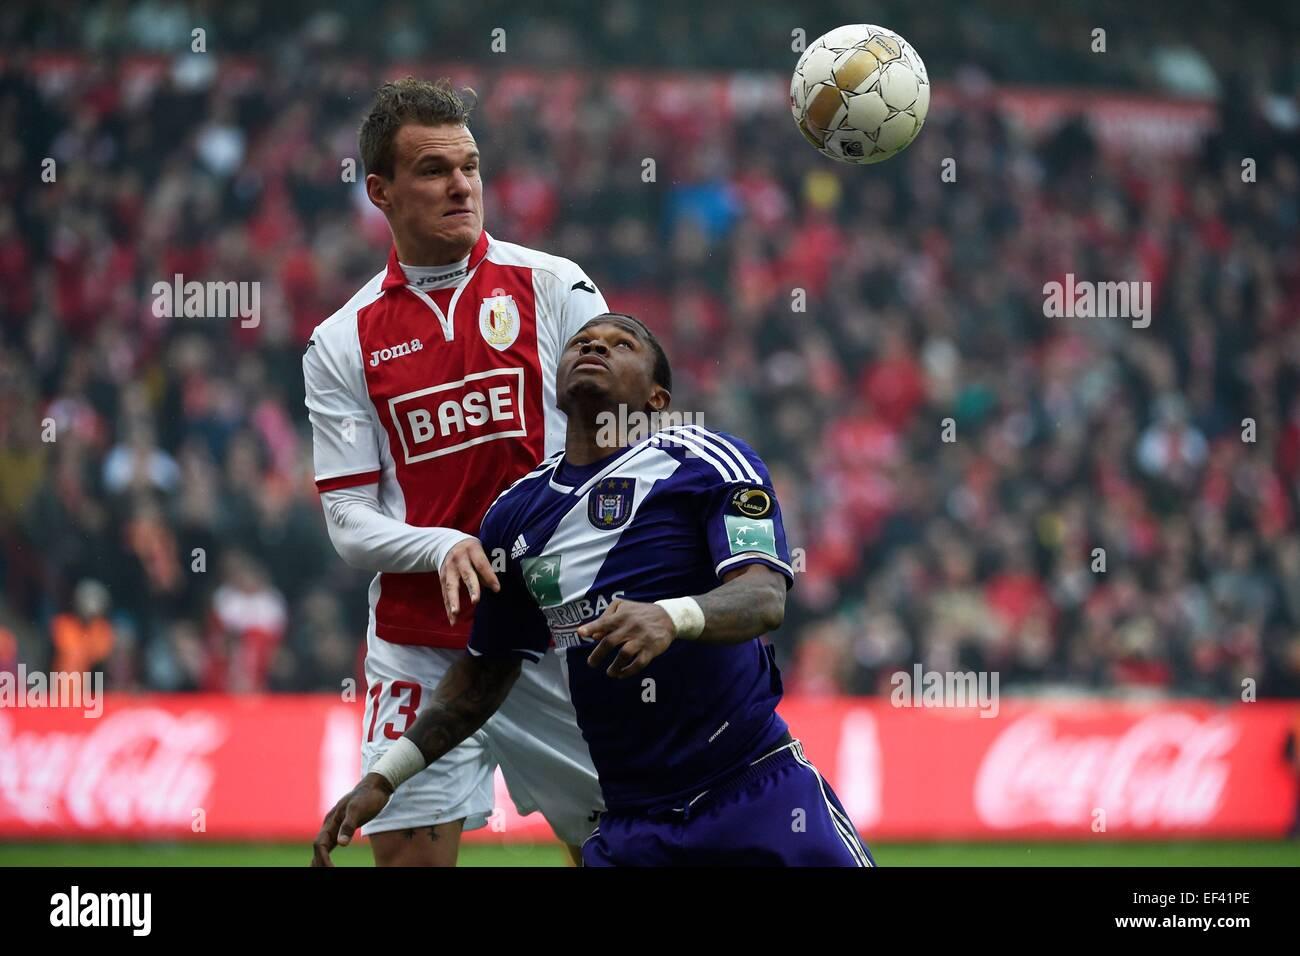 Liege, Belgium. 25th Jan, 2015. Jupiler Football League. Standard Liege versus Anderlecht. Scholz Alexander of Standard - Stock Image